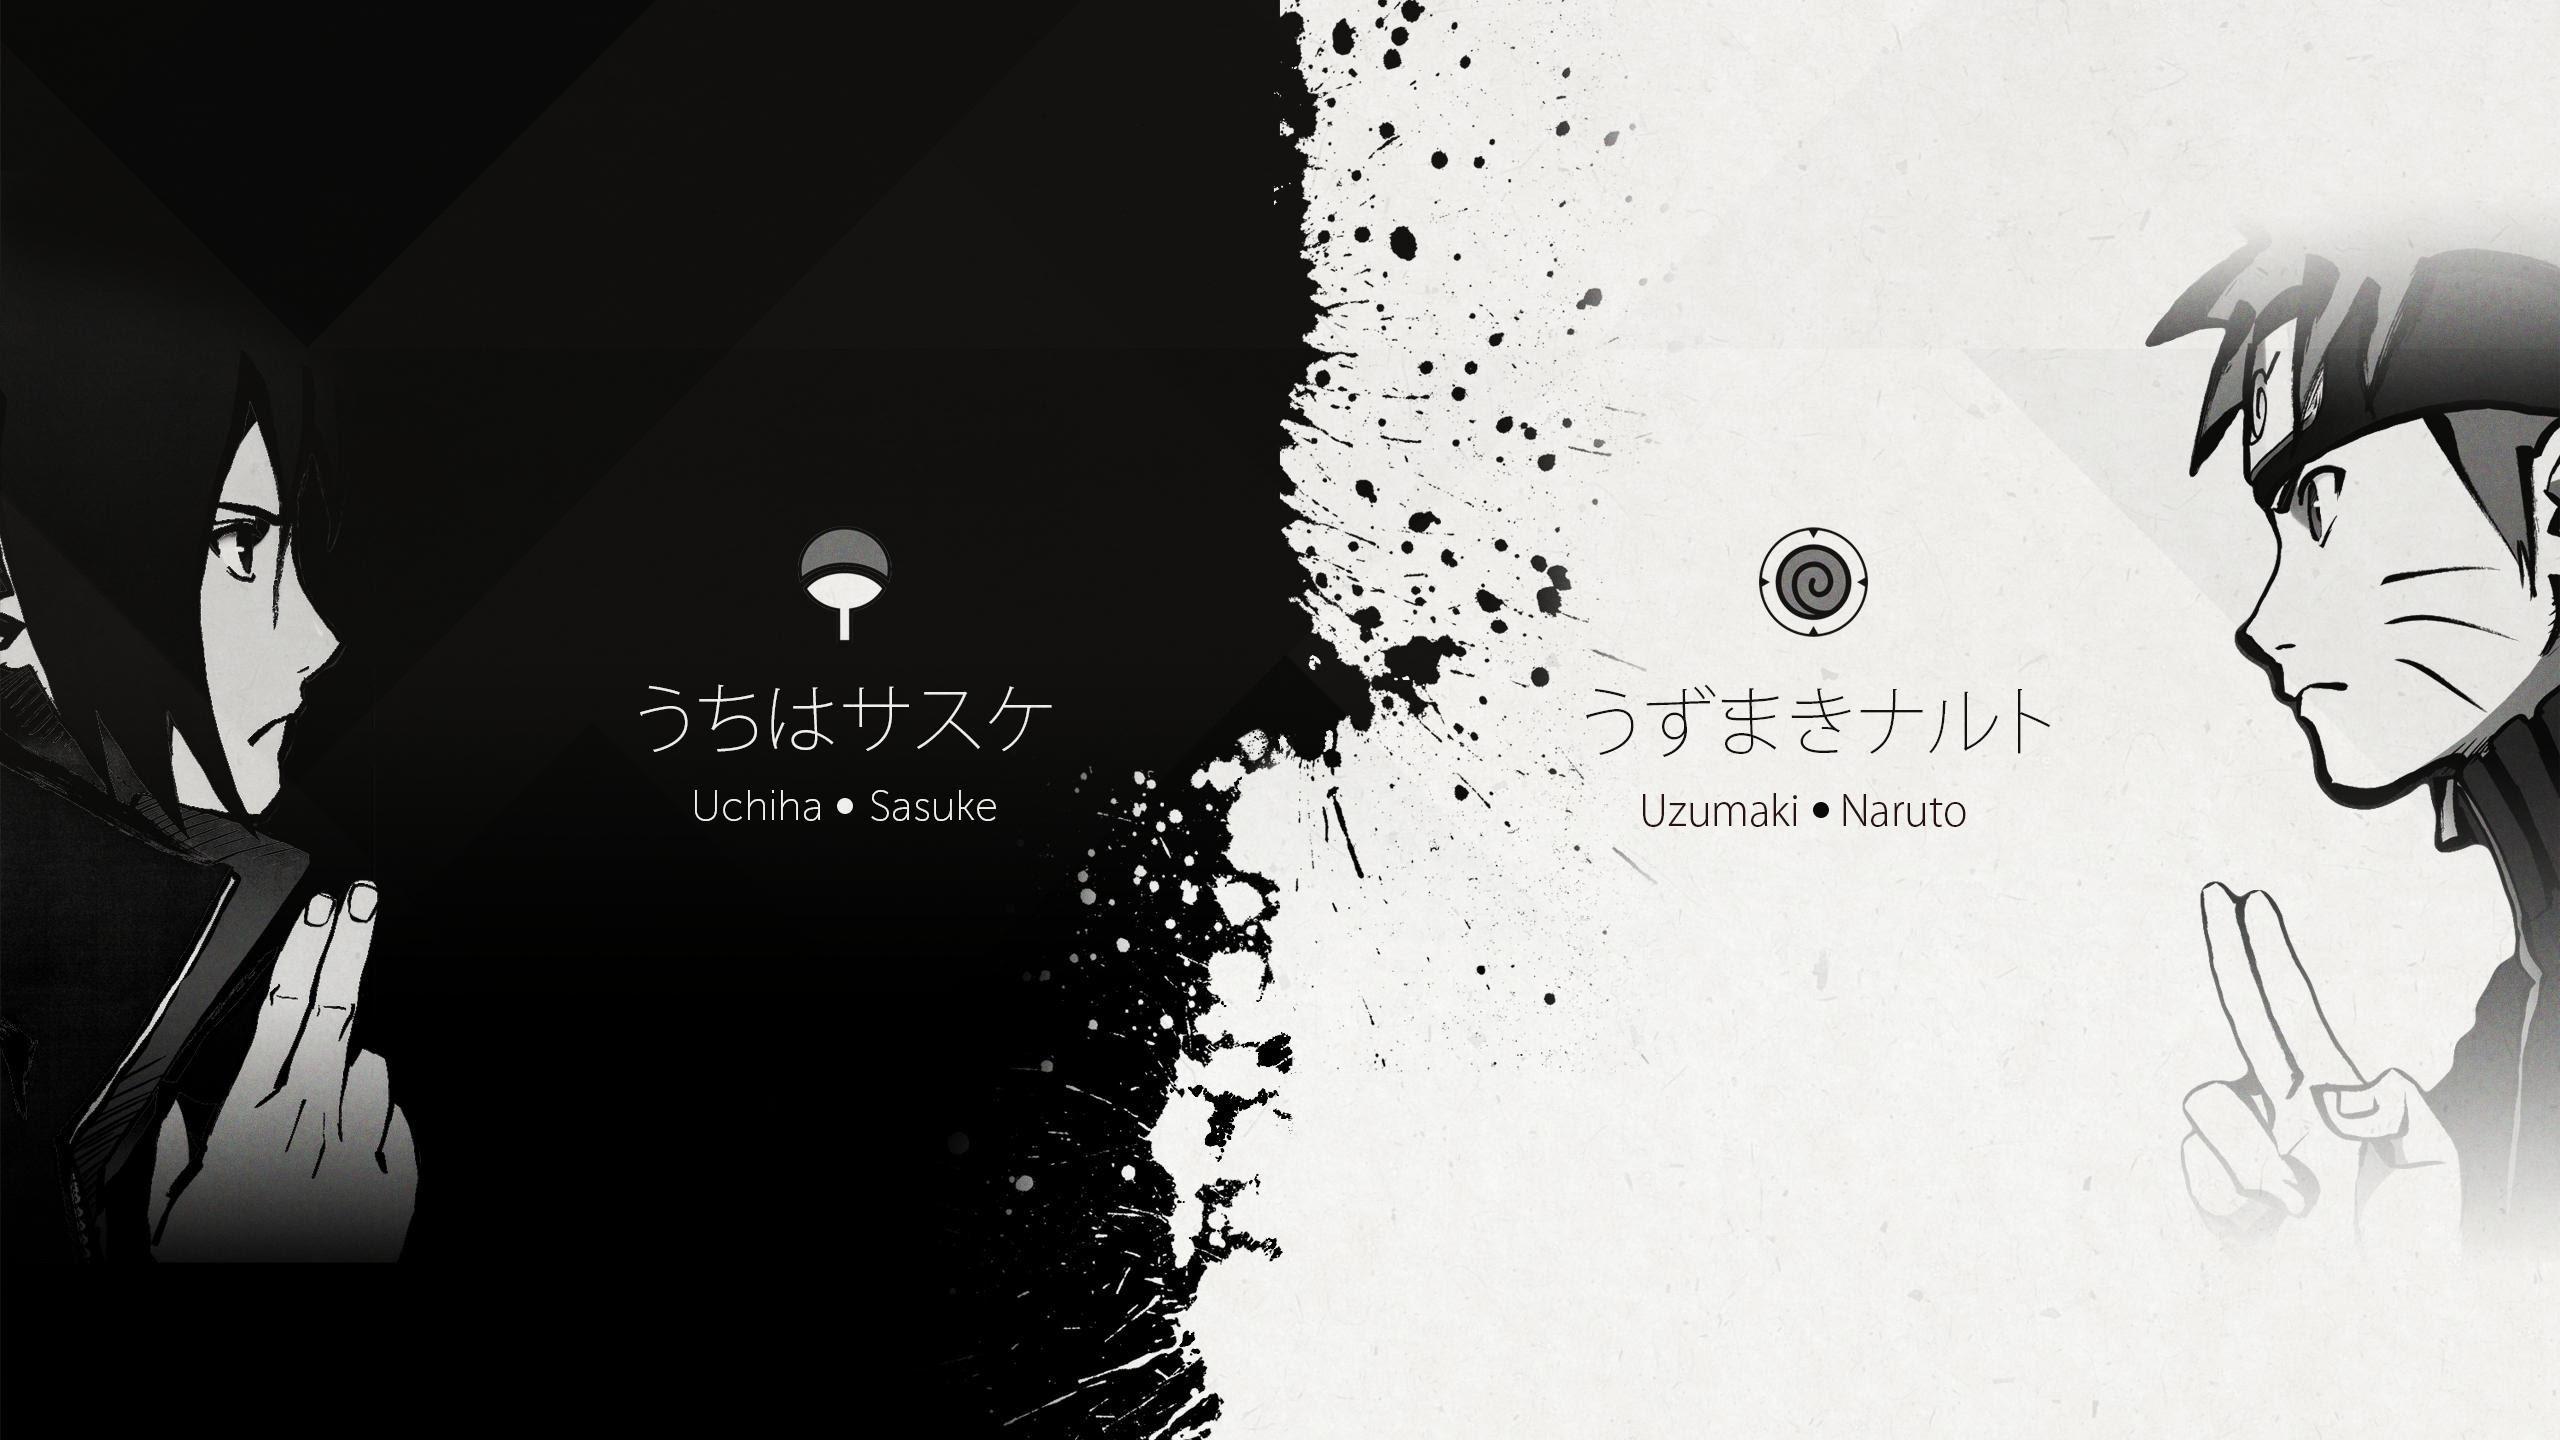 1920x1080 kurama kyuubi bijuu naruto imagens e wallpapers 1600aƒ 1078 naruto kurama mode wallpapers 40 download